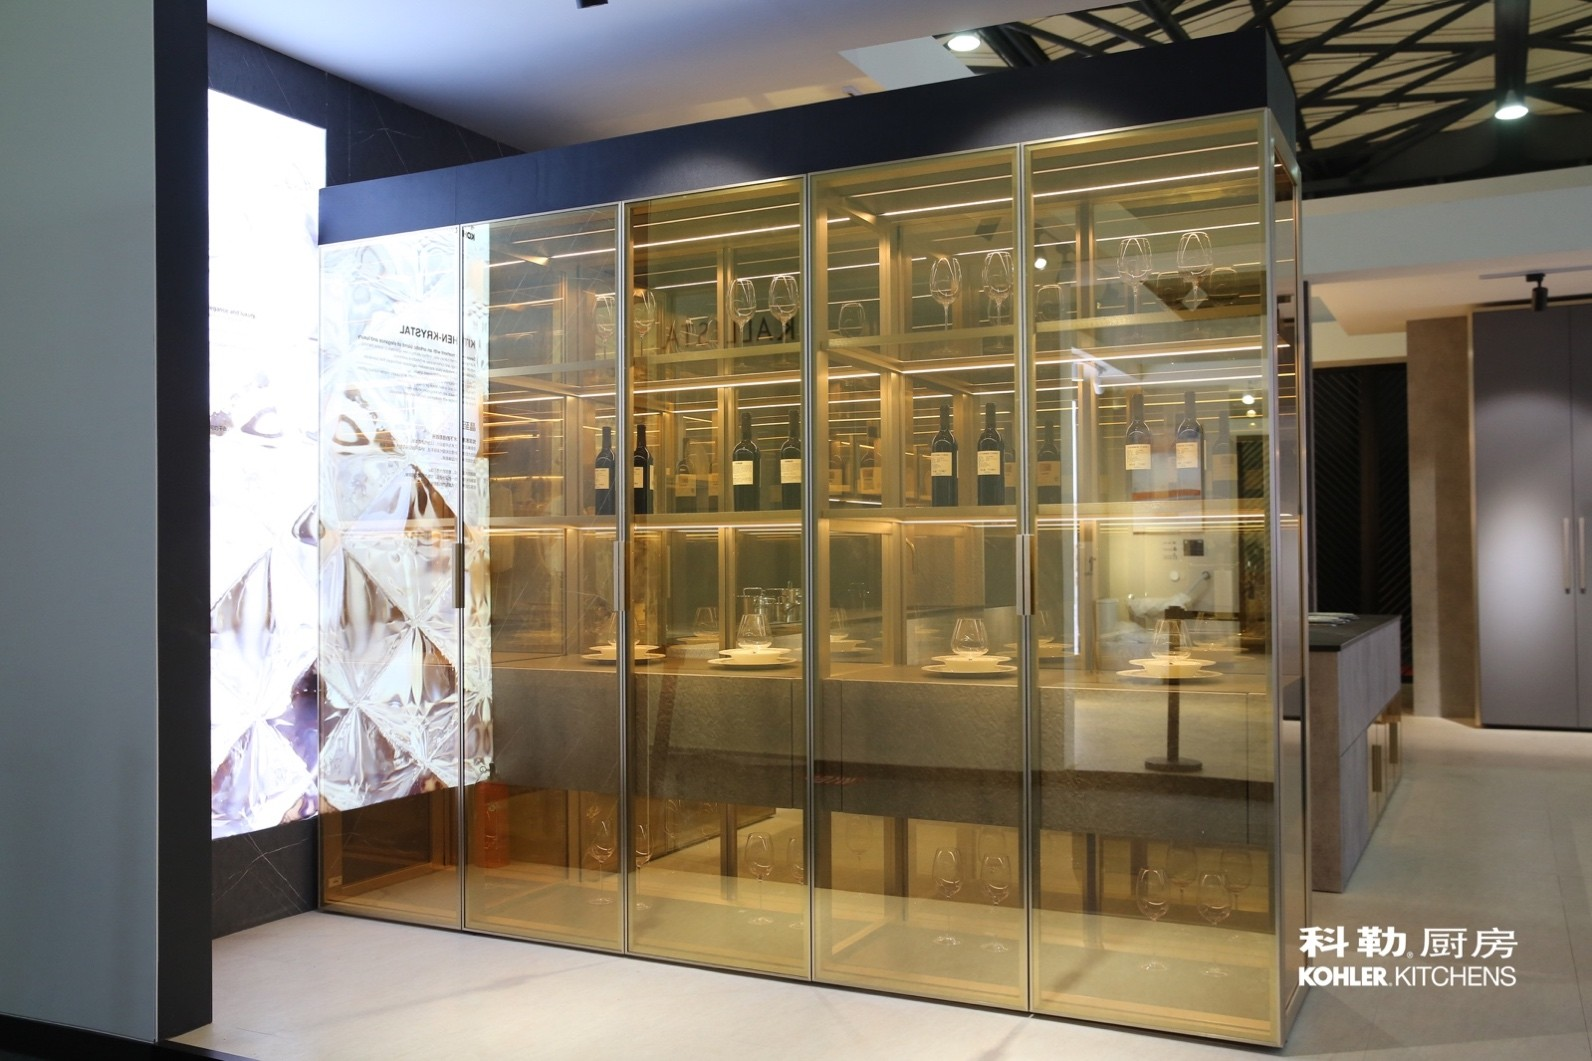 科勒橱柜晶至系列用金色镀膜玻璃打造全透陈列柜打破空间隔阂